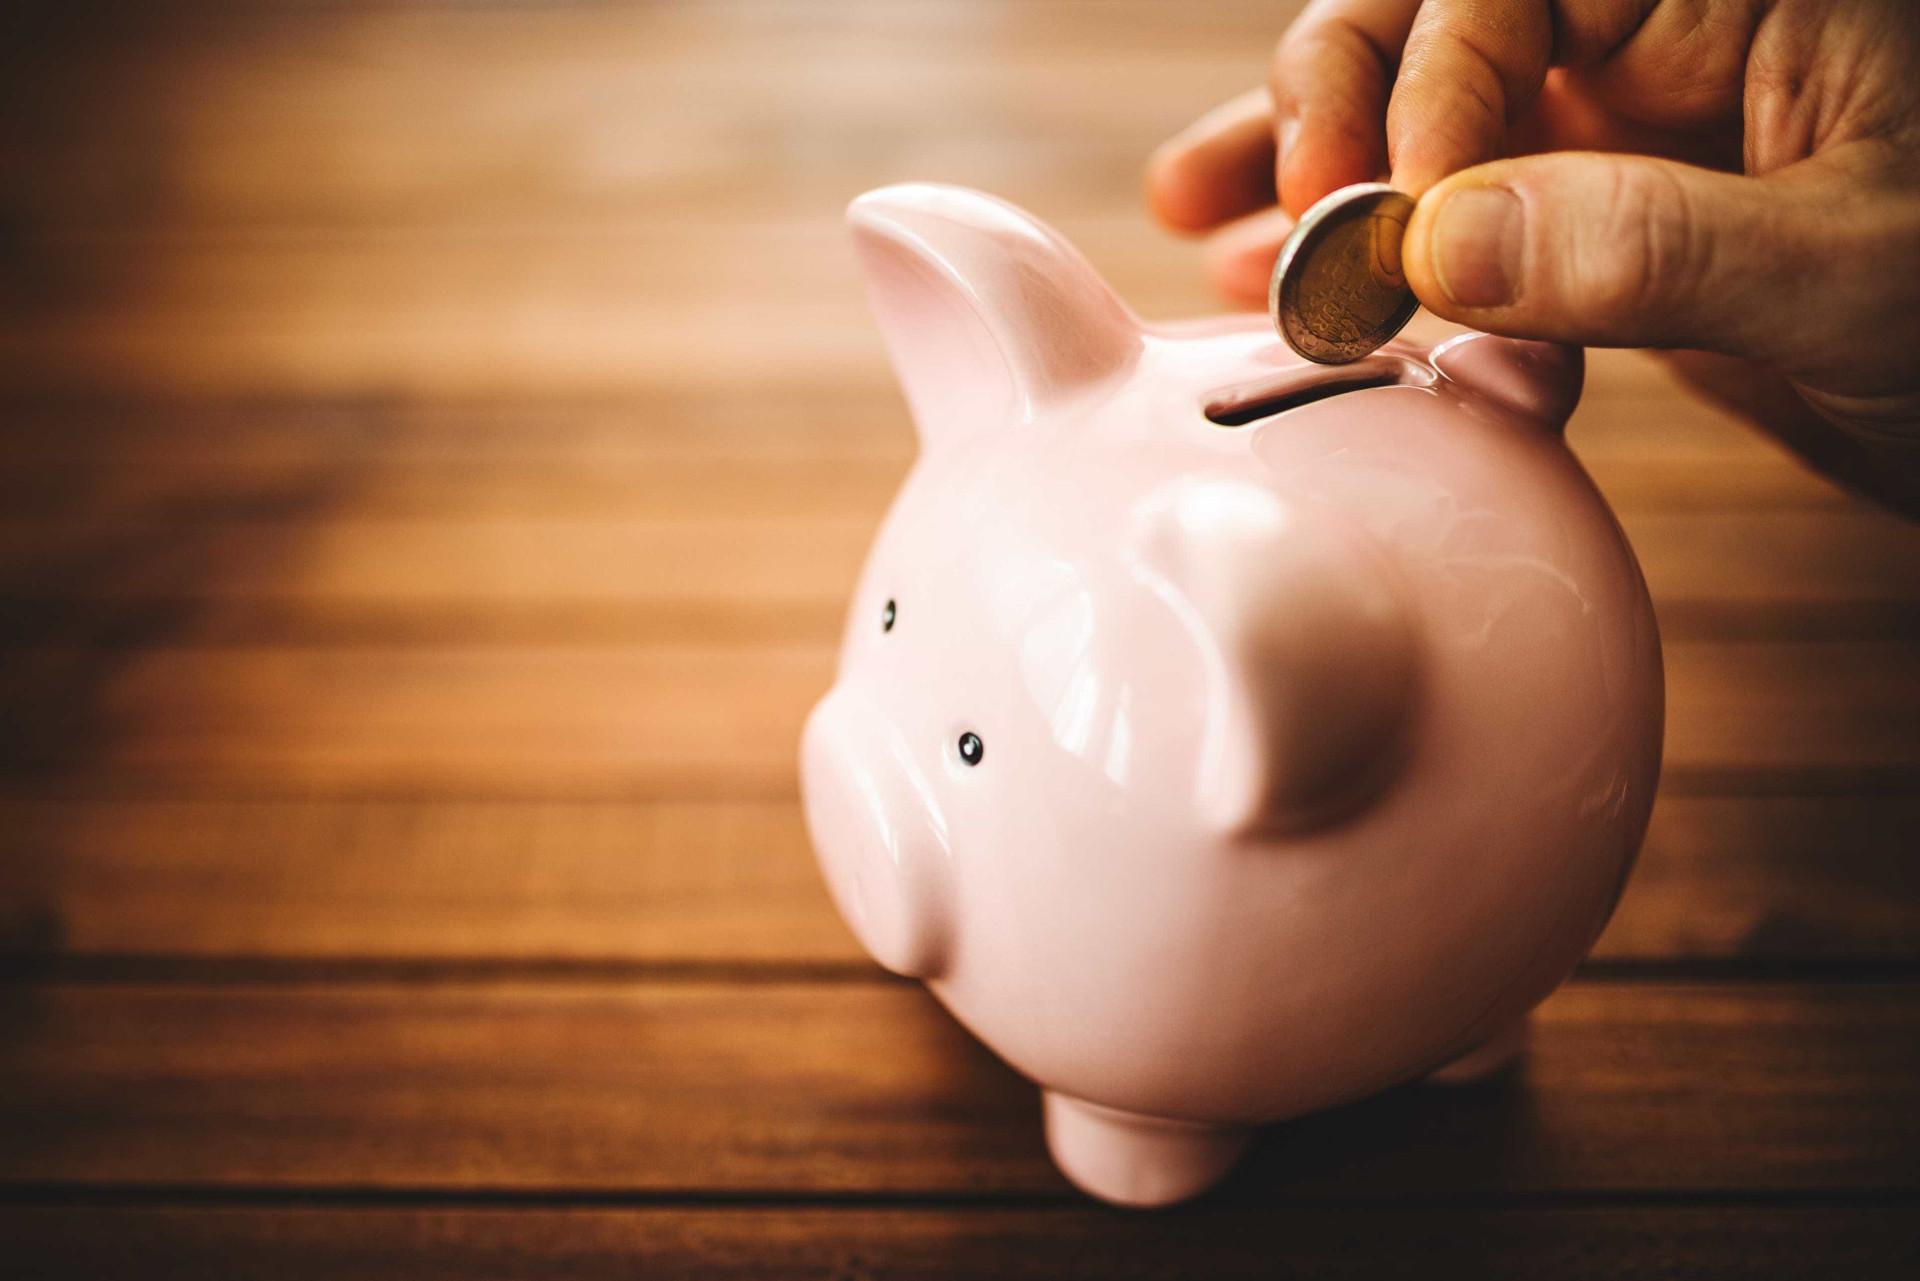 Ainda não sabe onde vai investir o reembolso do IRS? Nós ajudamos